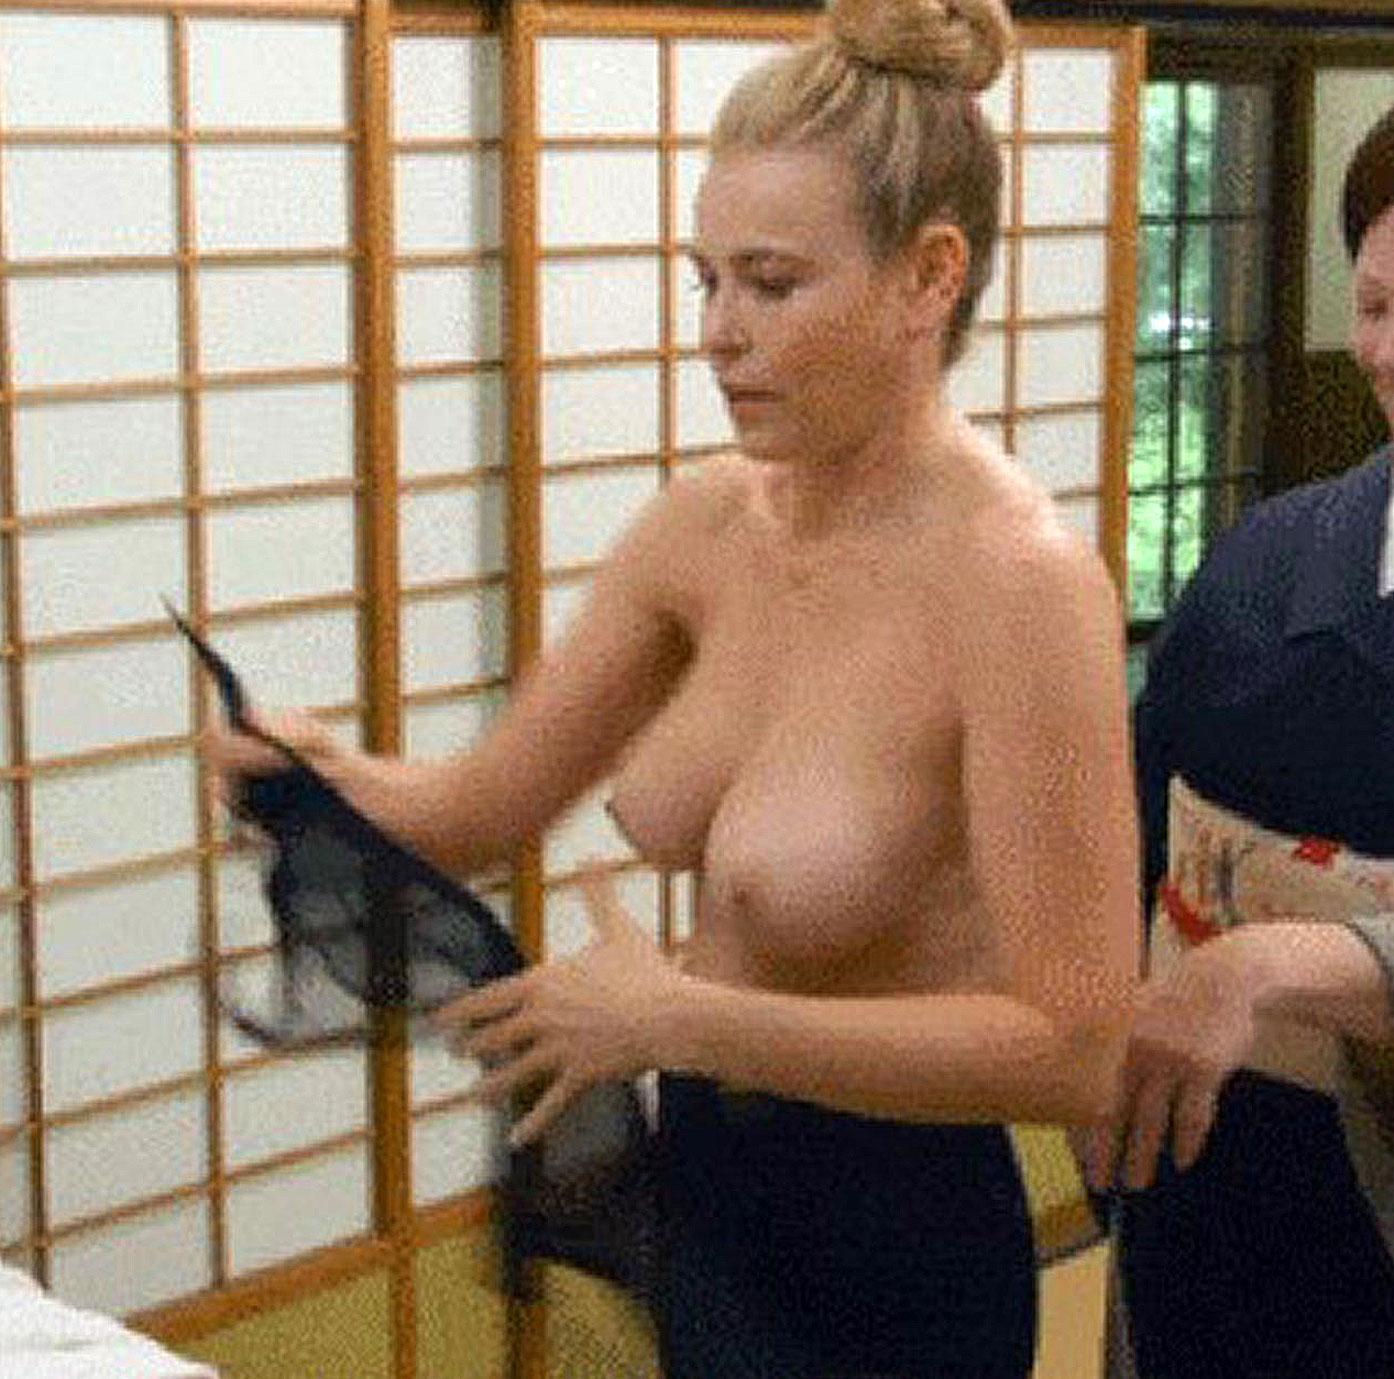 Chelsea handler nude pics porn